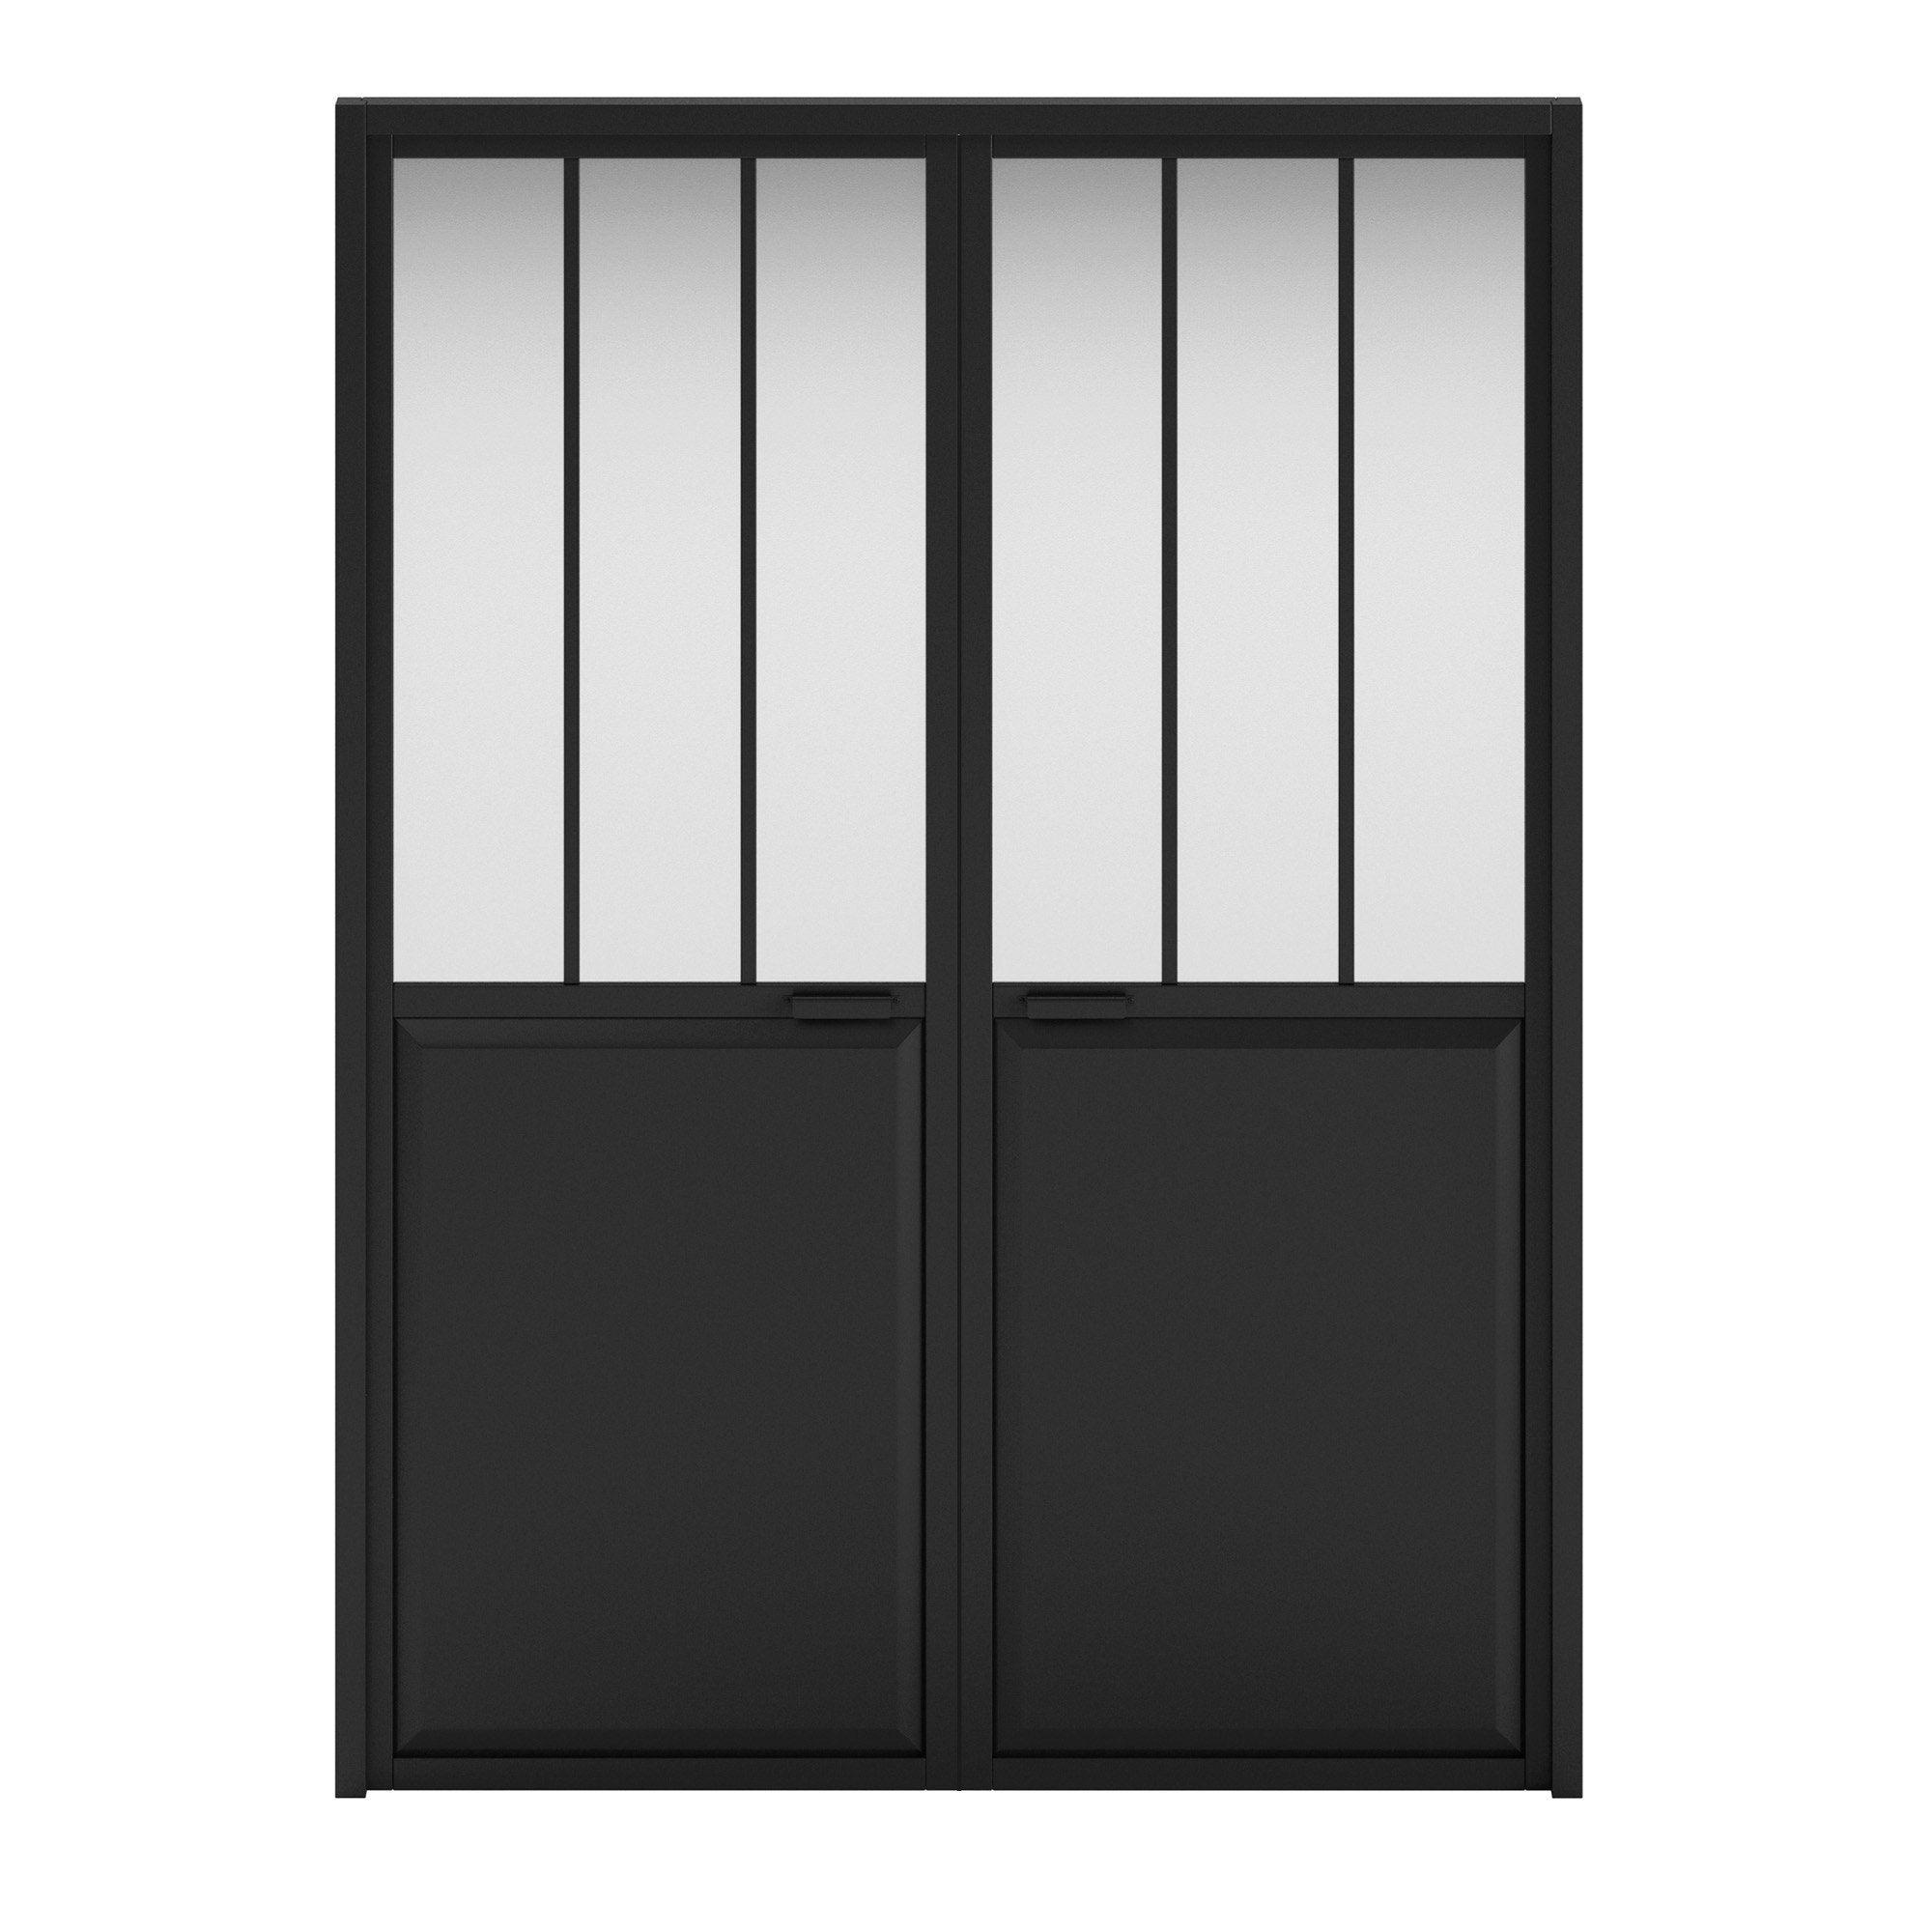 Double porte verrière vitré Atelier, noir H.204 x l.146 cm, poussant droit